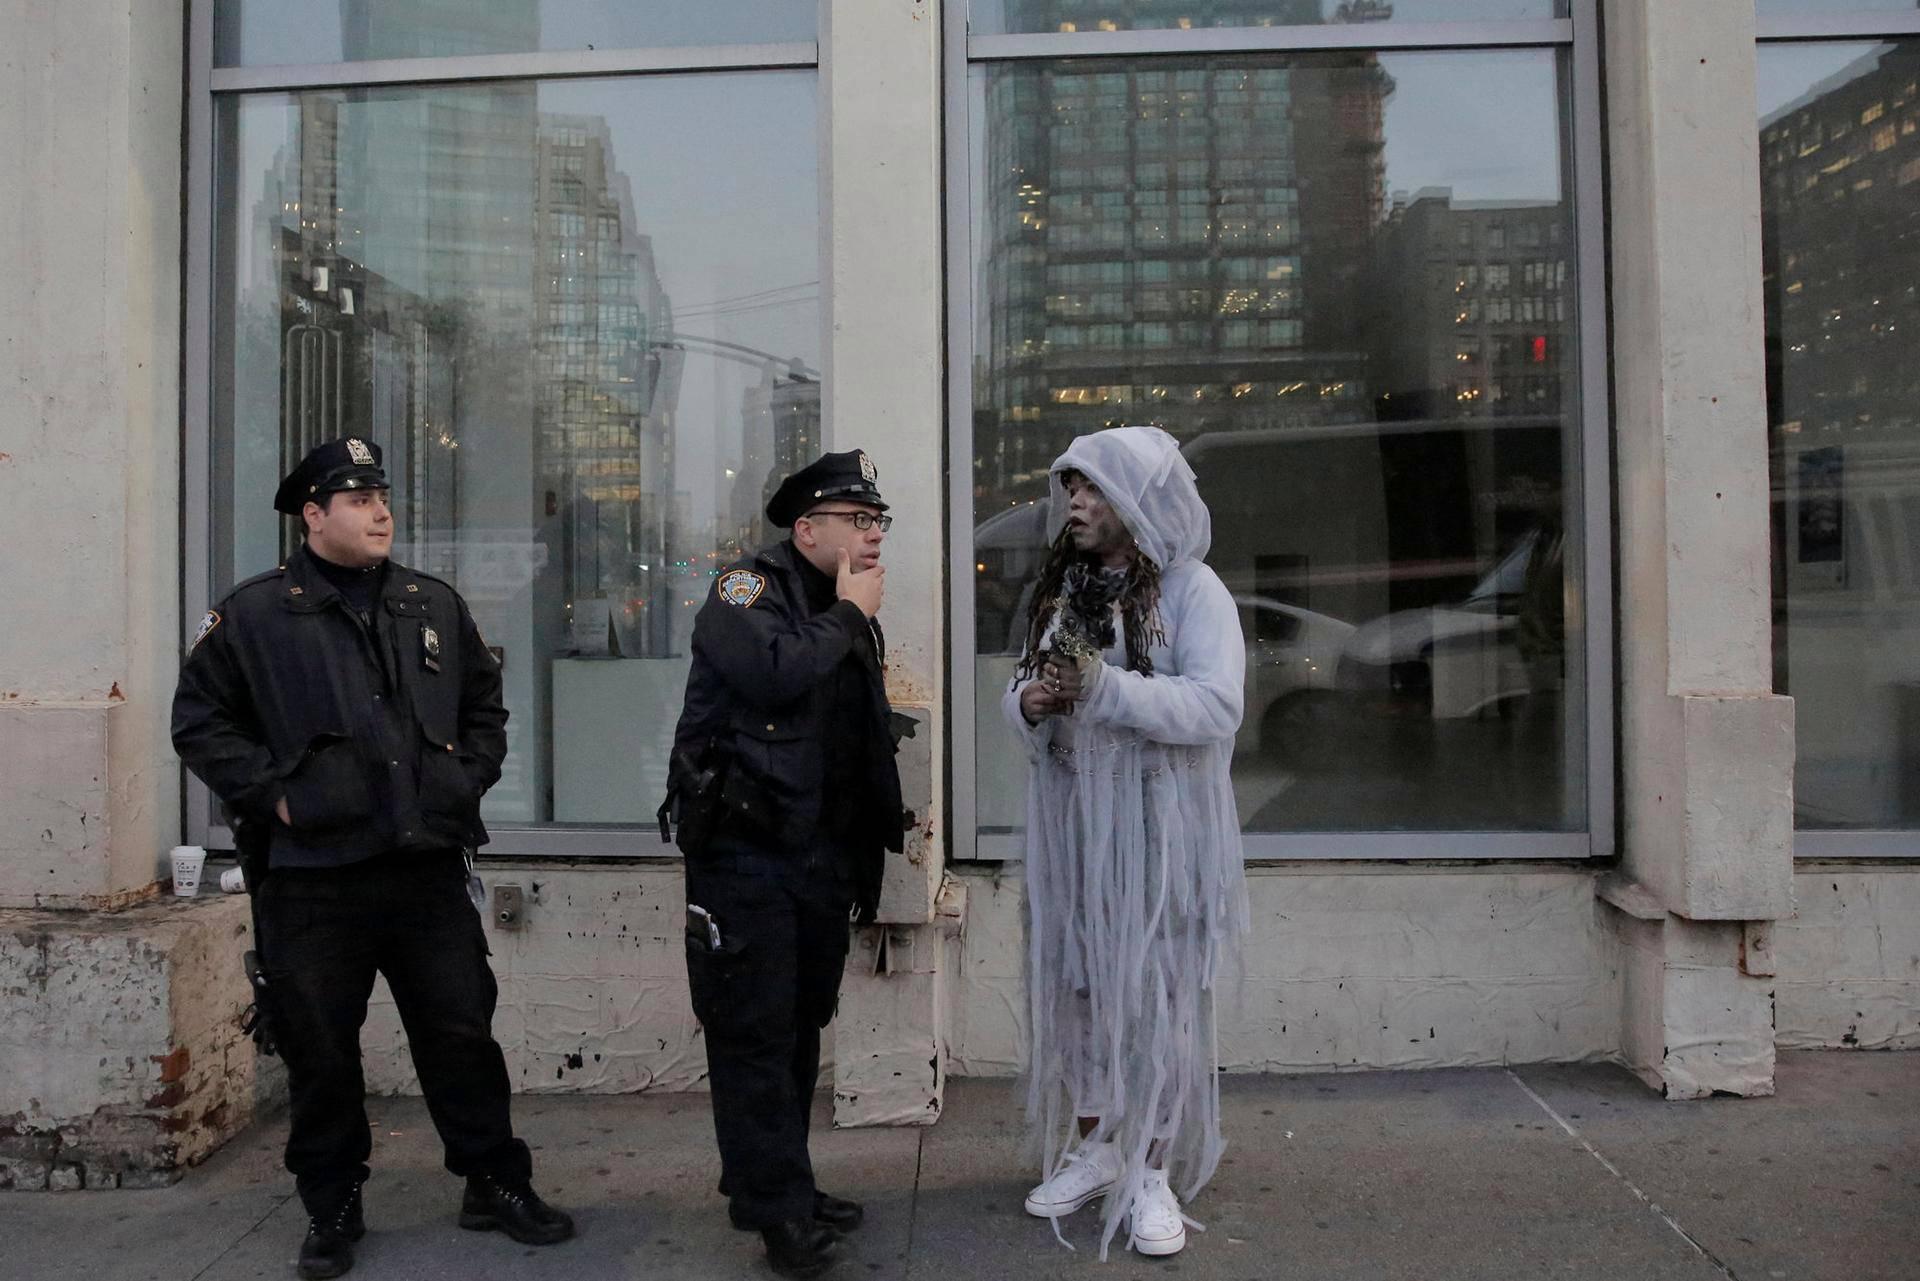 Poliisi opasti halloween-juhlijaa Manhattanilla. Halloween-paraati järjestettiin New Yorkissa, vaikka kaupunkia oli järkyttänyt kahdeksan henkeä vaatinut terrori-isku.